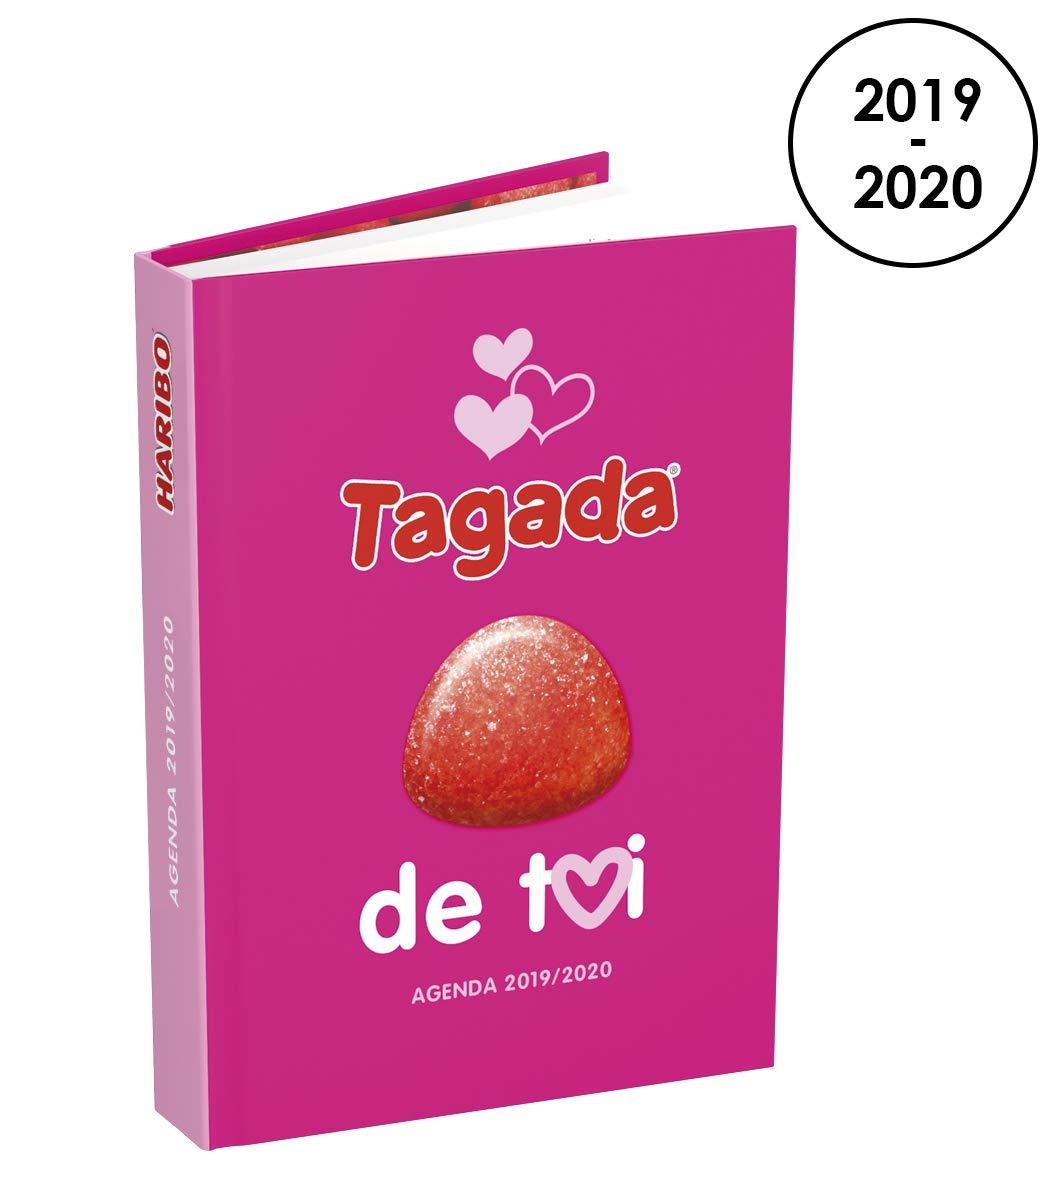 HARIBO Agenda 2019-2020 de Août à Juillet - 1 Jour par Page Format 12x17cm Couverture avec Sticker Parfumé Fraise Tagada